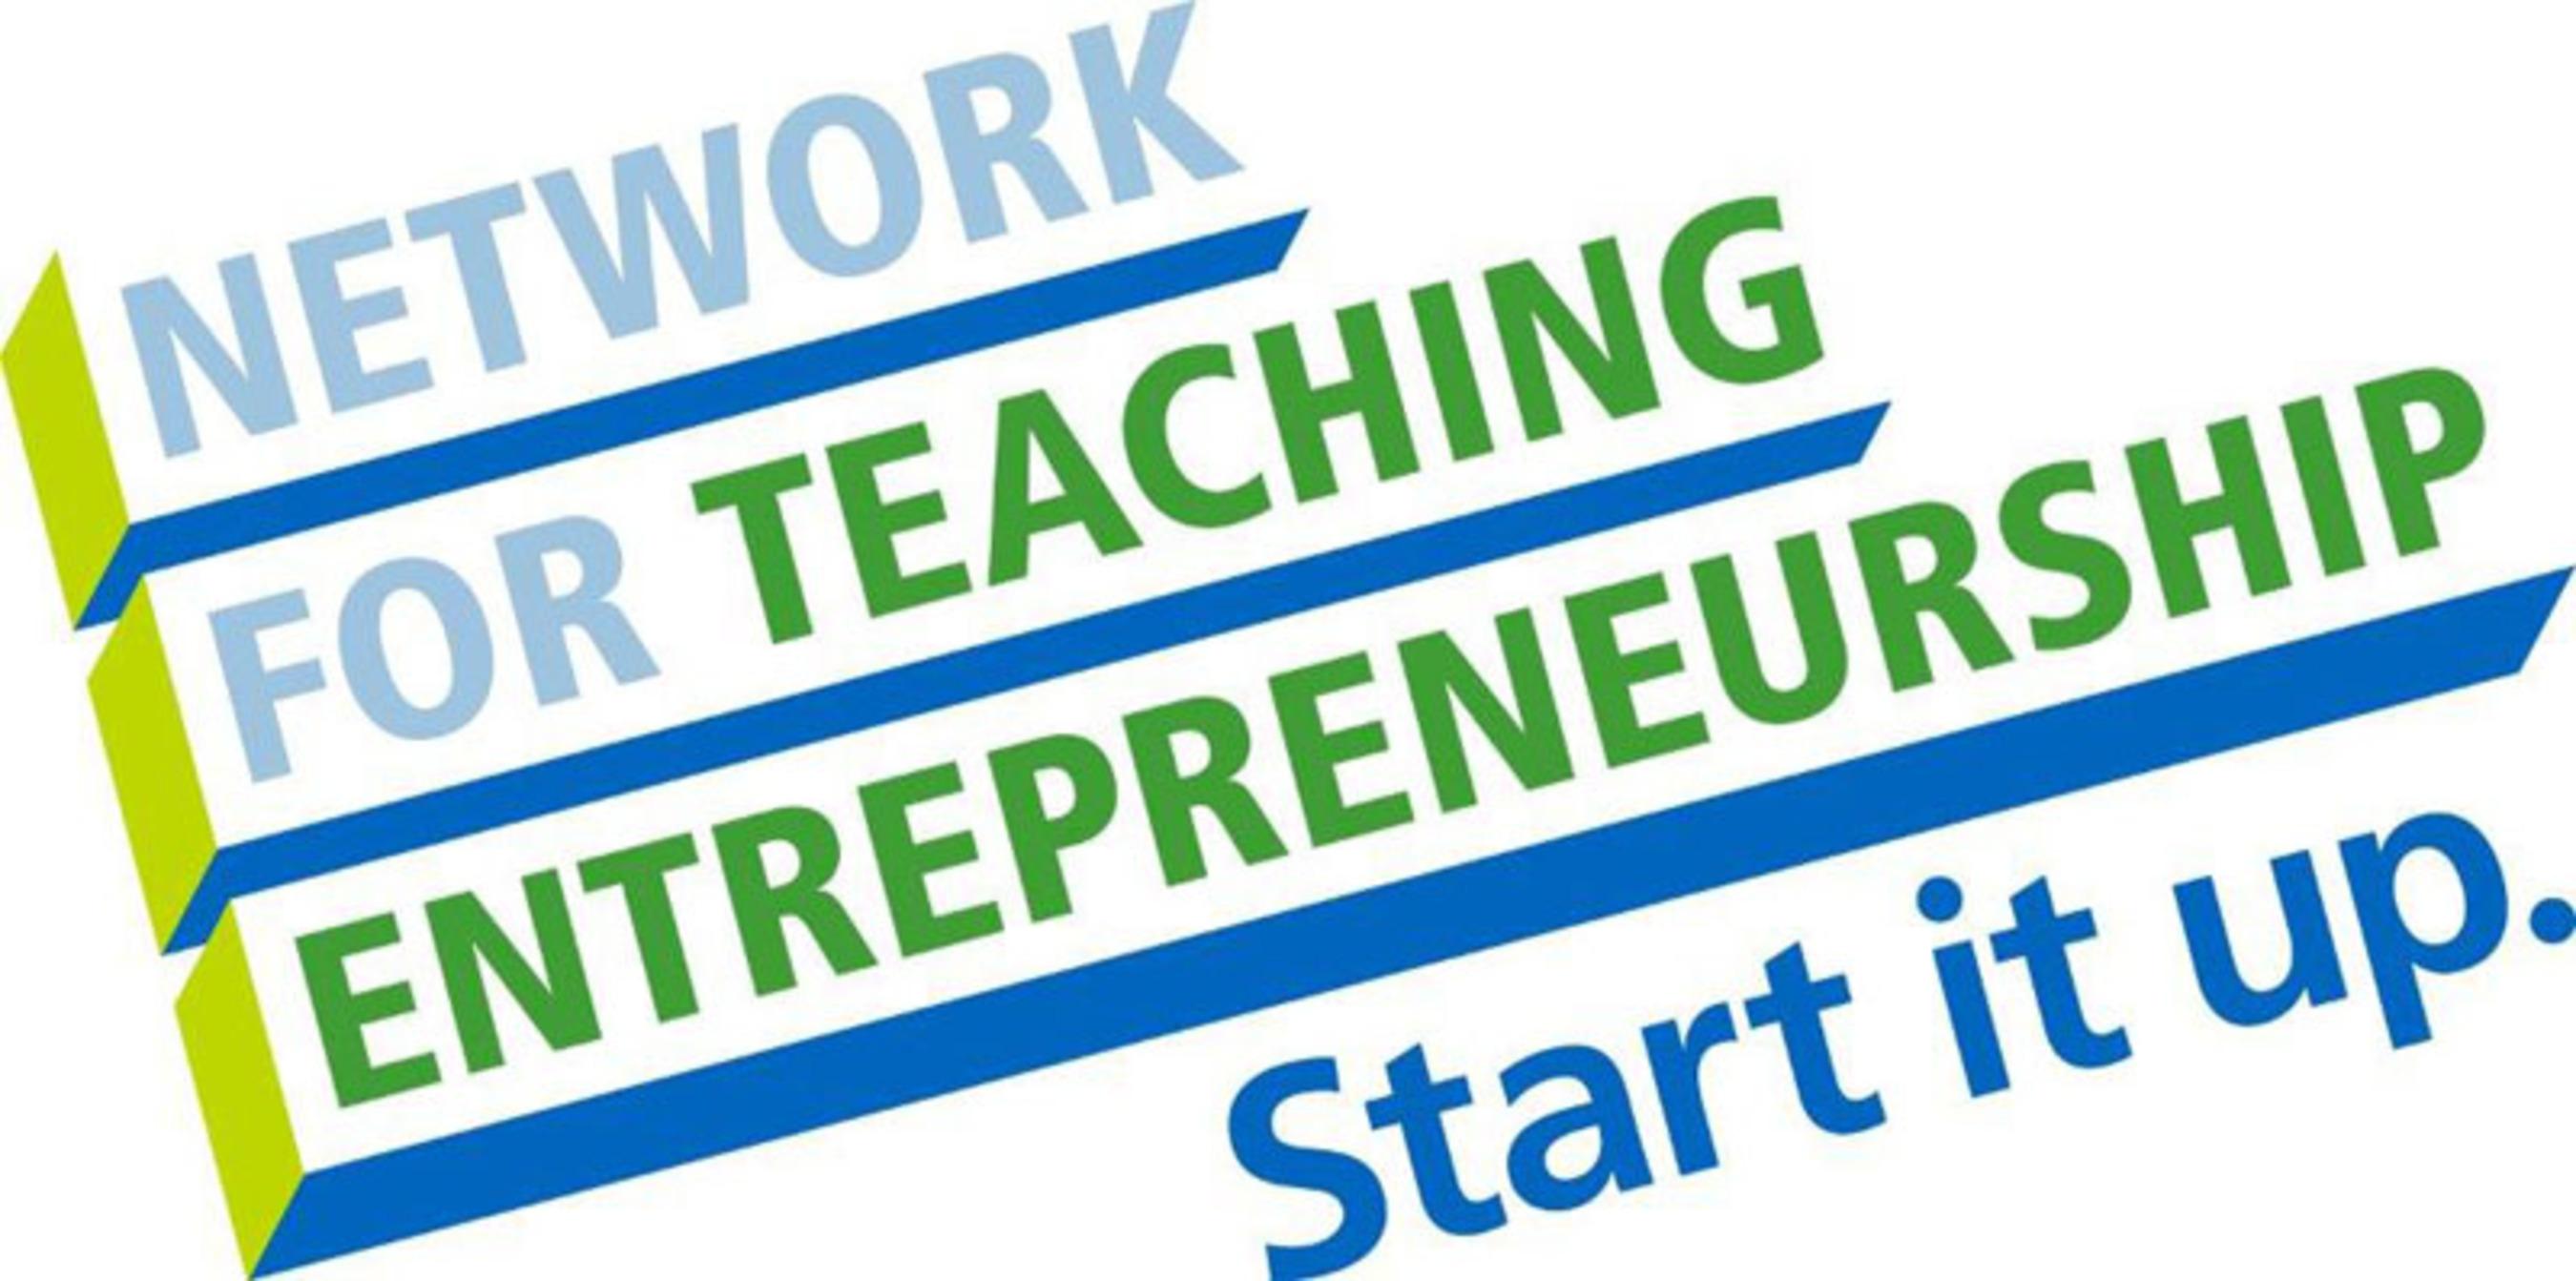 Network for Teaching Entrepreneurship.